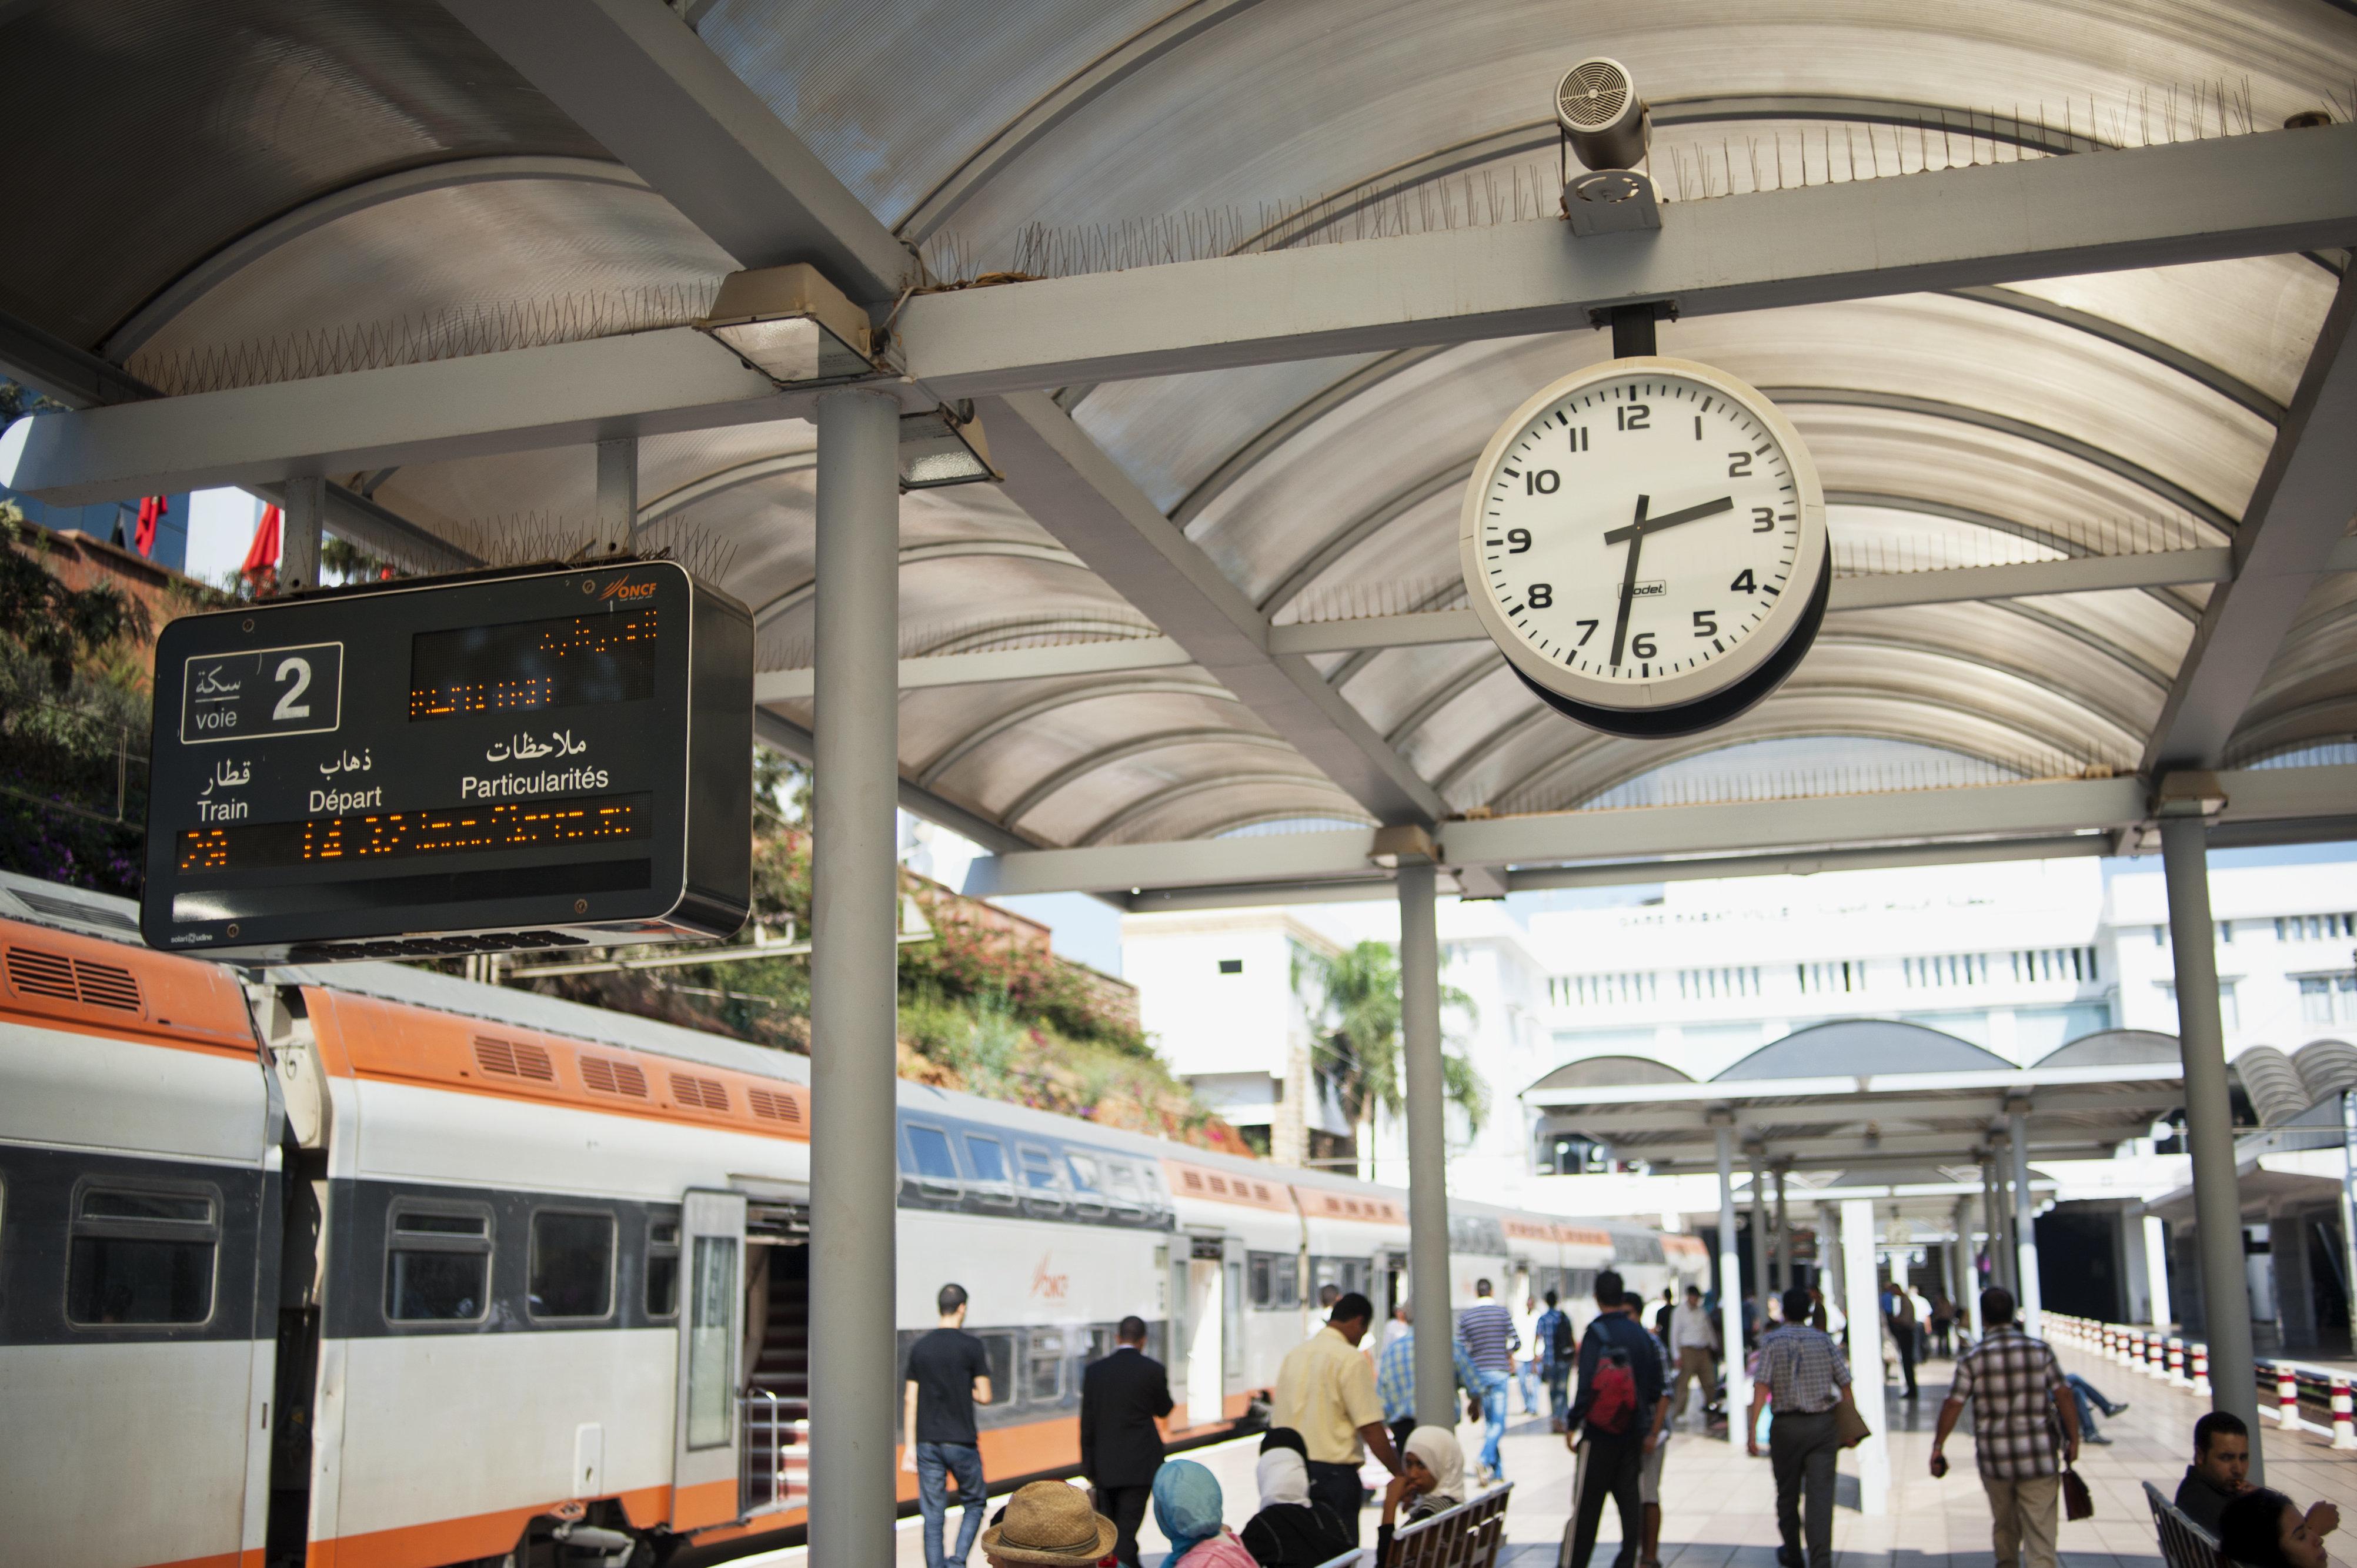 Inauguration de la LGV: Le trafic ferroviaire est perturbé, l'ONCF ne communique